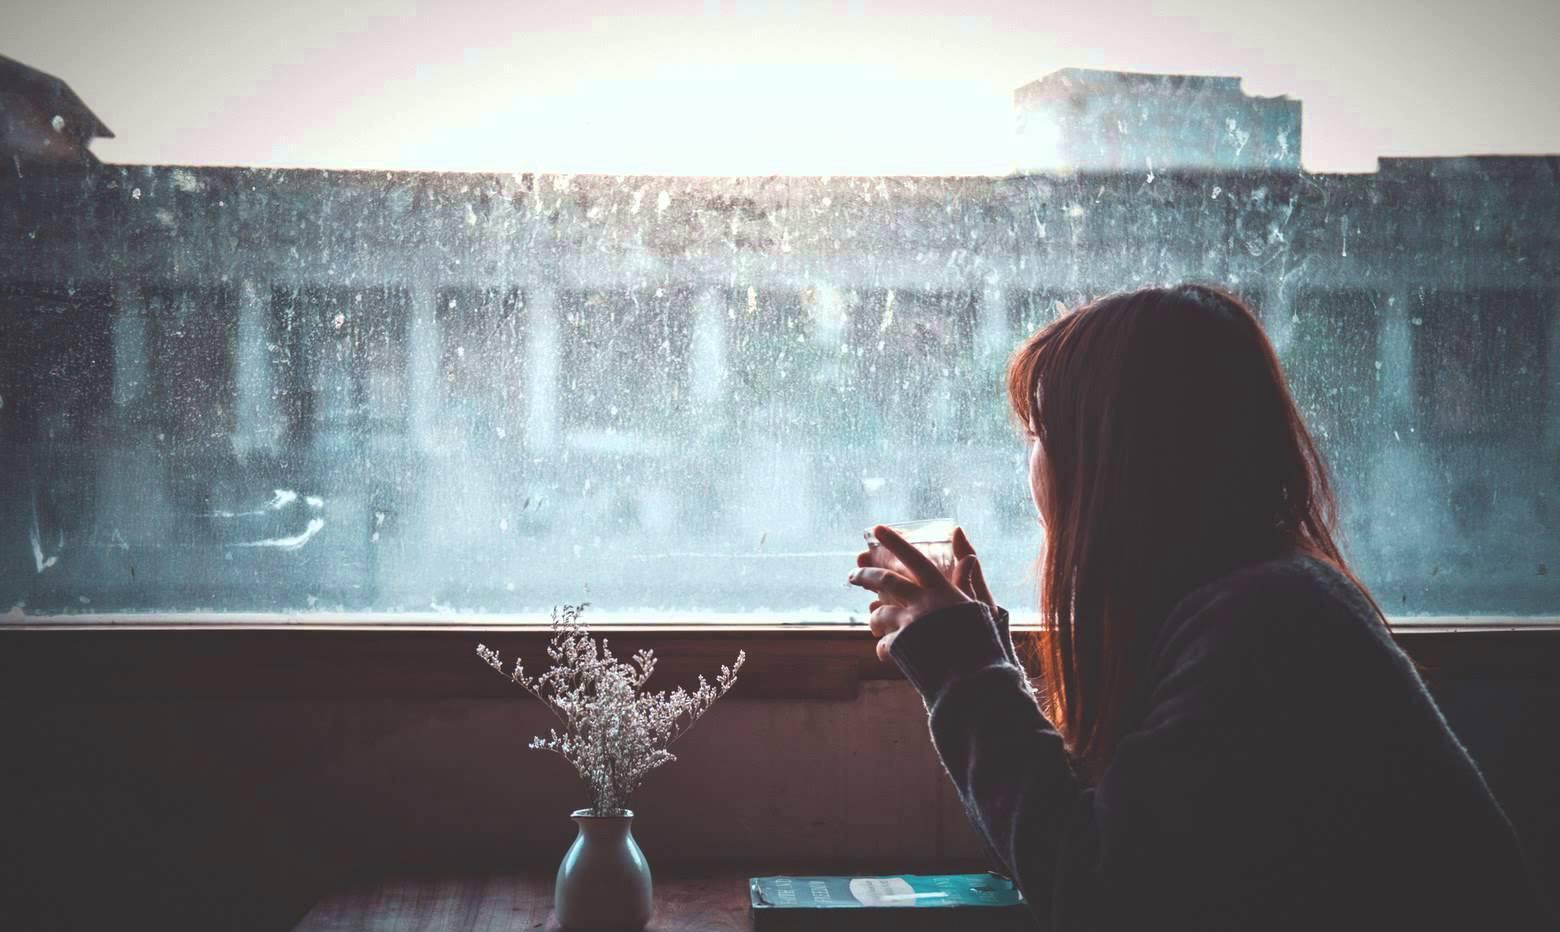 7 điều tối kị các cô gái không nên nói với chàng trai của mình-3